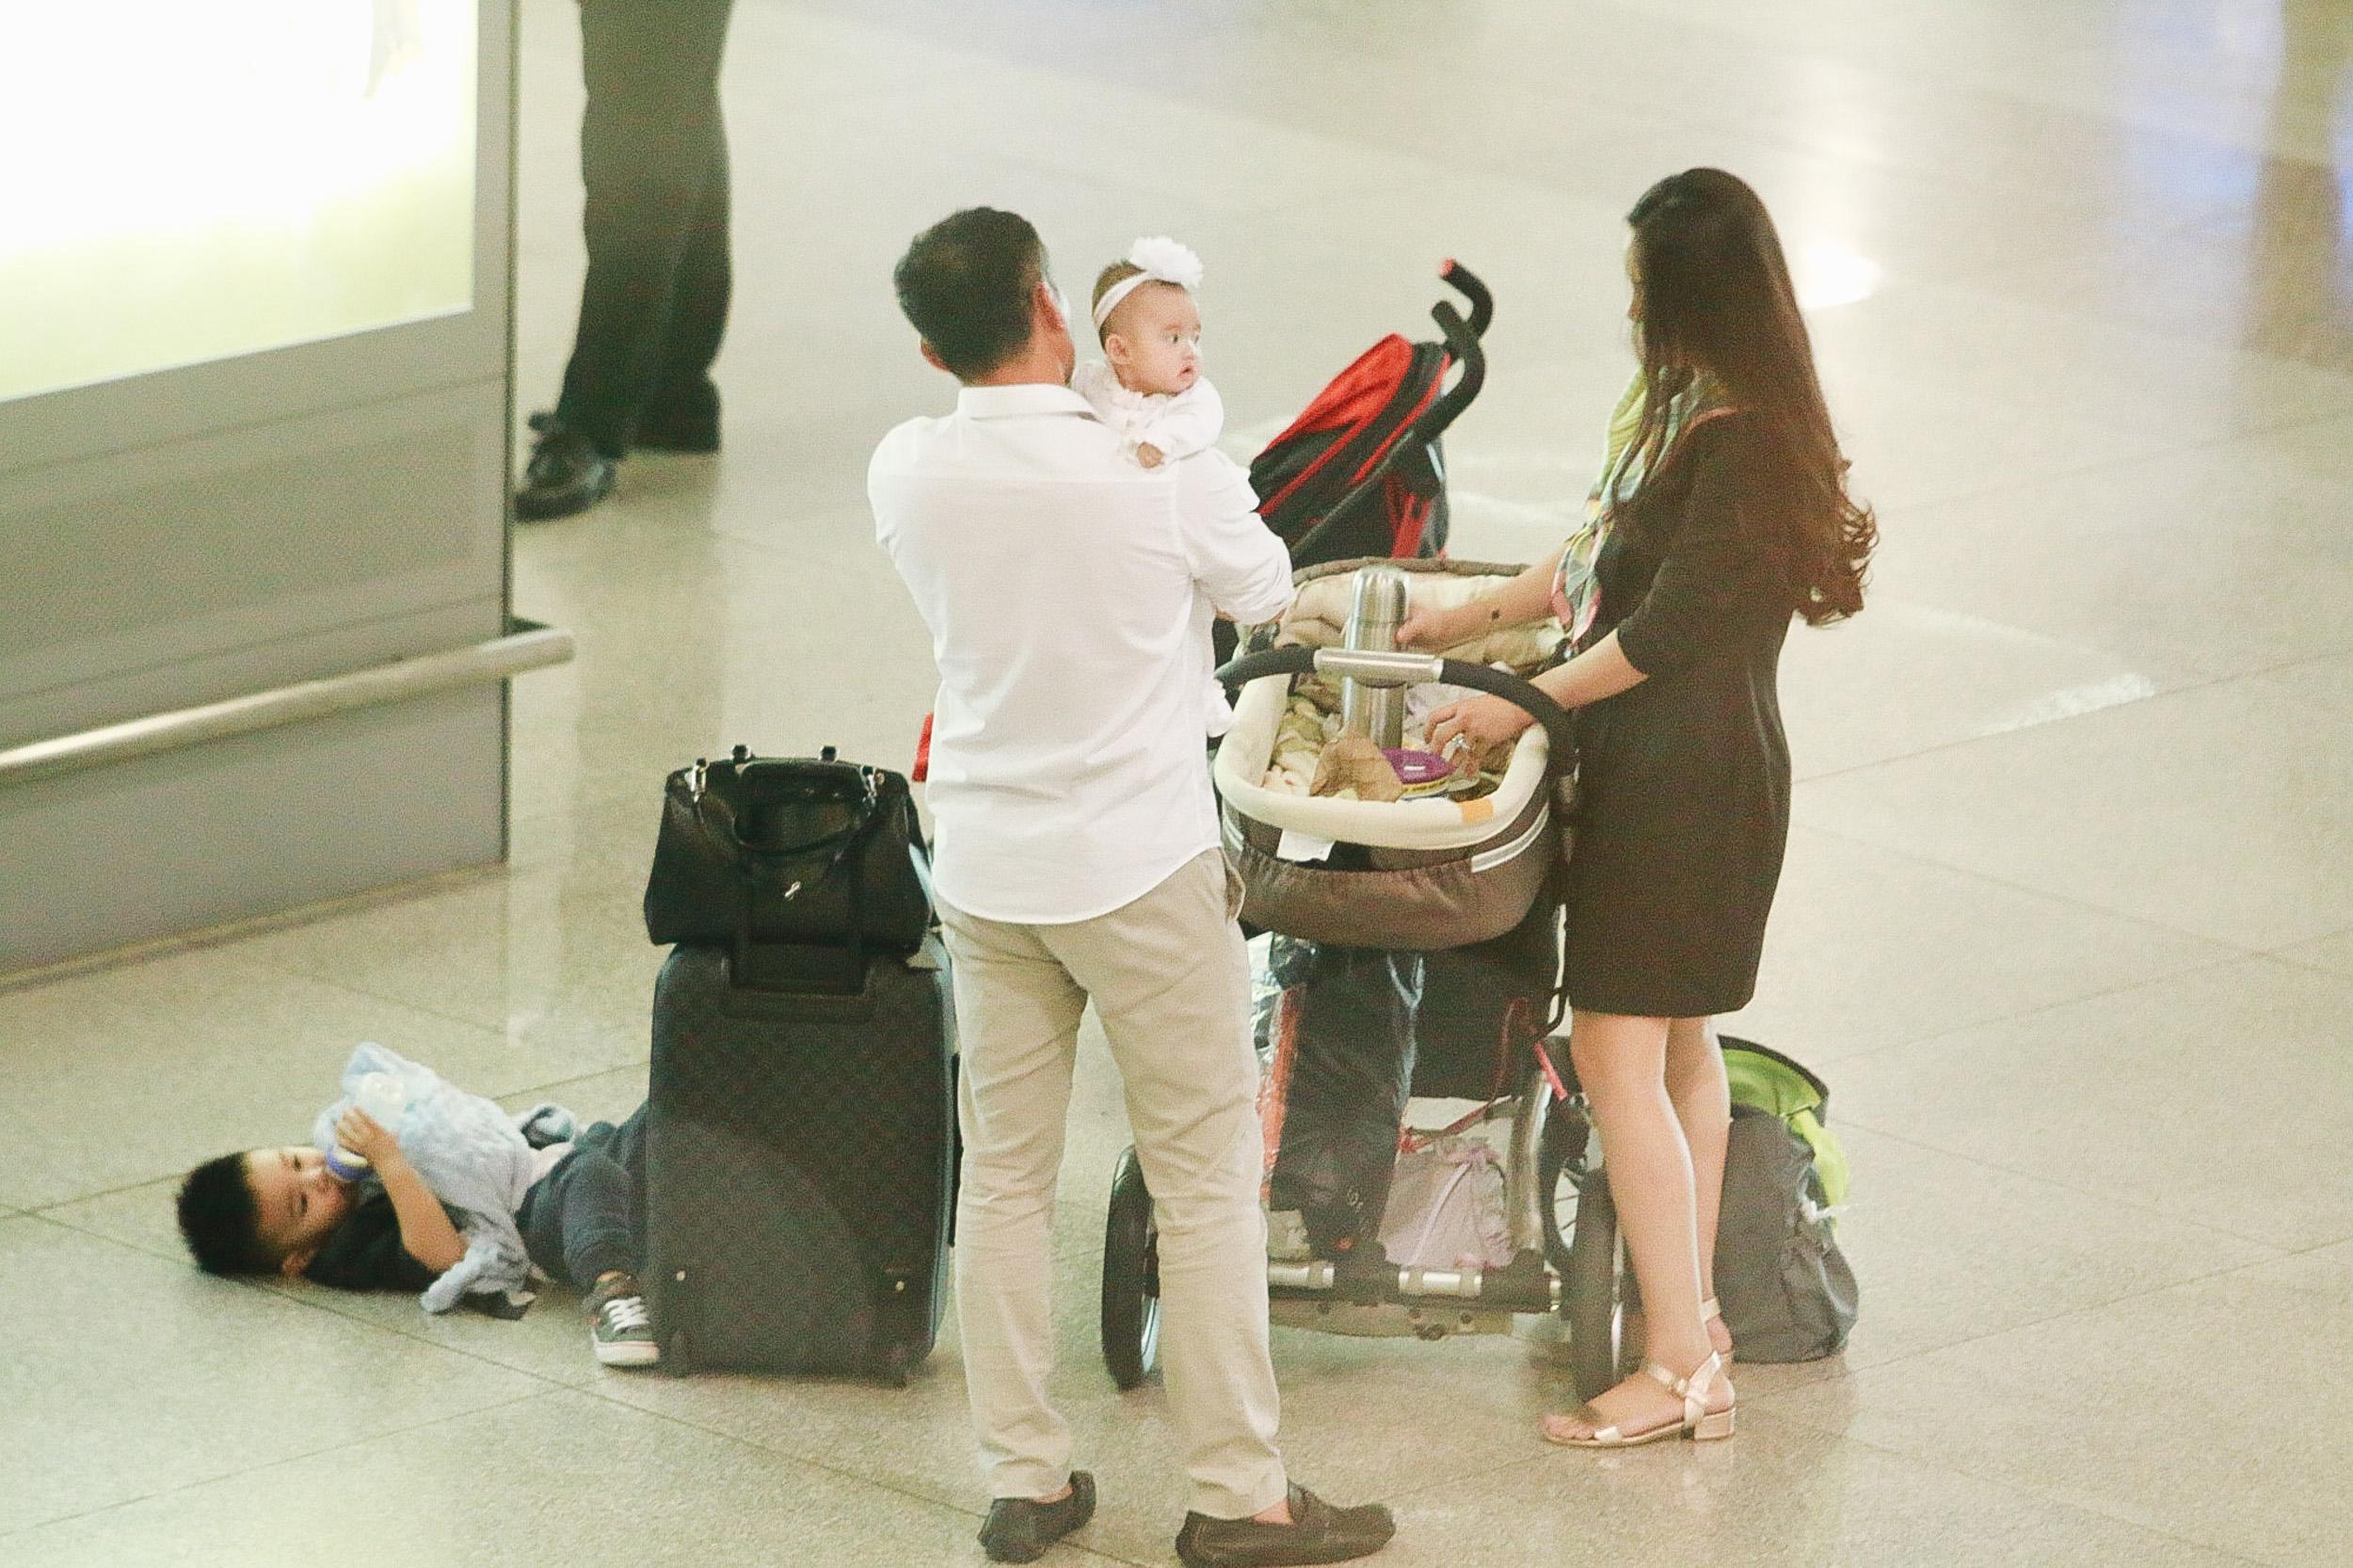 Vy Oanh lần đầu công khai lộ diện với ông xã, cả gia đình cùng trở về từ Mỹ thăm mẹ ốm nặng - Ảnh 4.